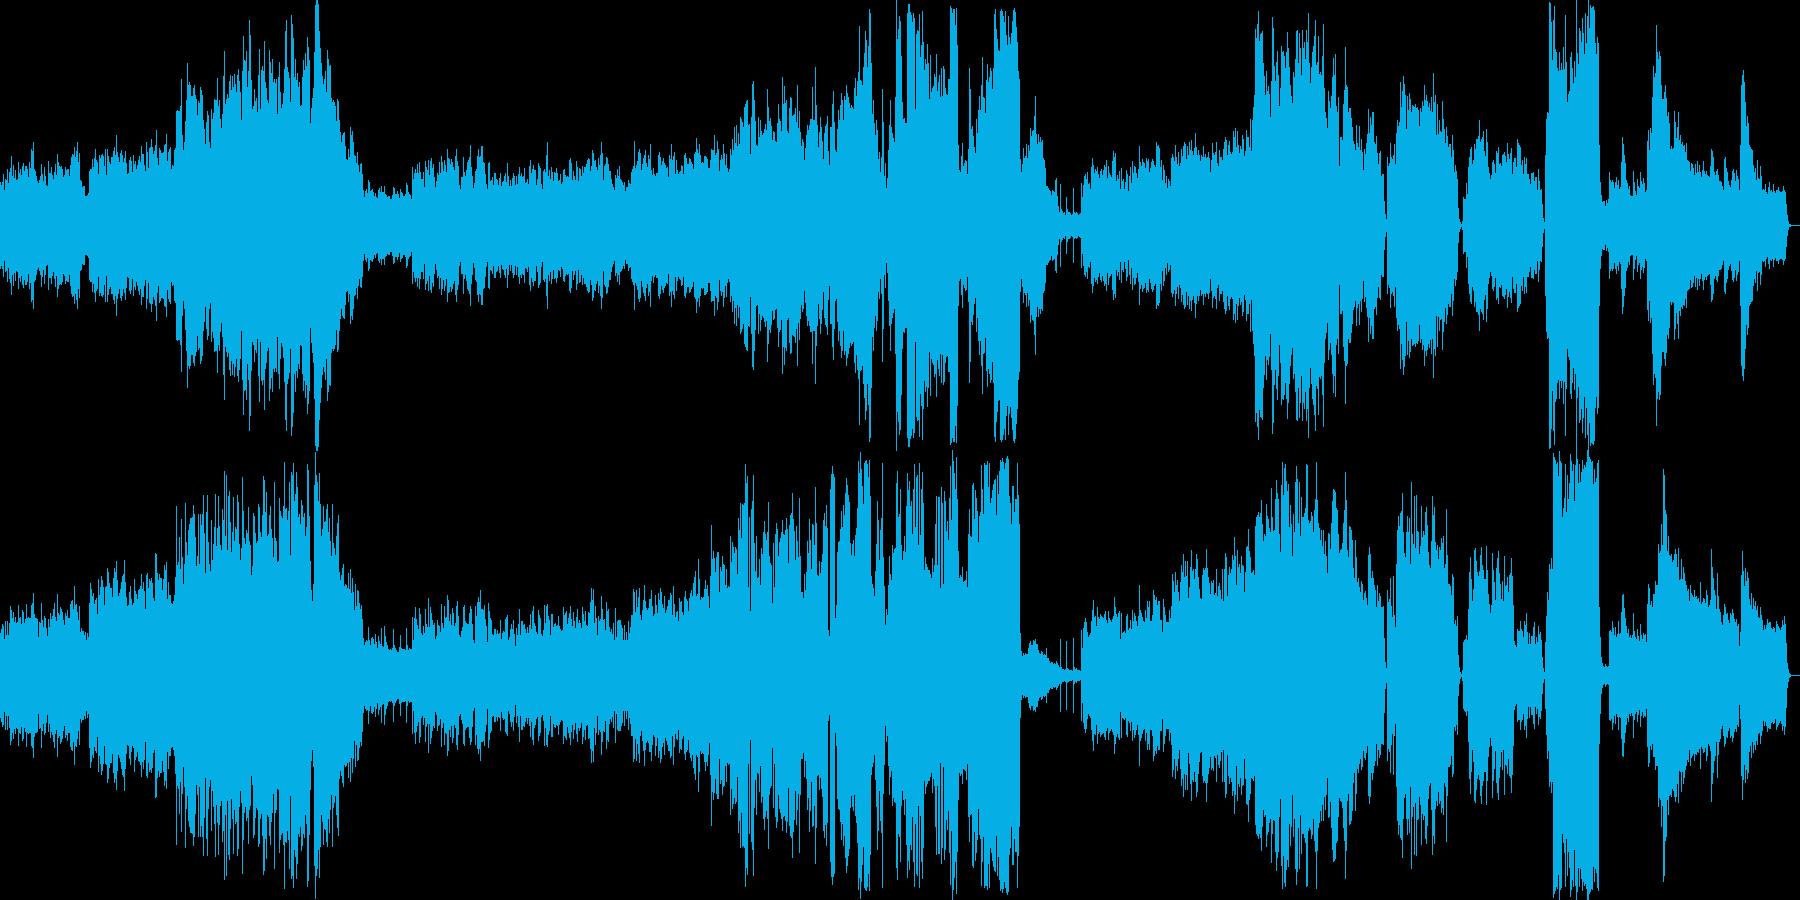 オルゴールがメインのオーケストラ曲。の再生済みの波形